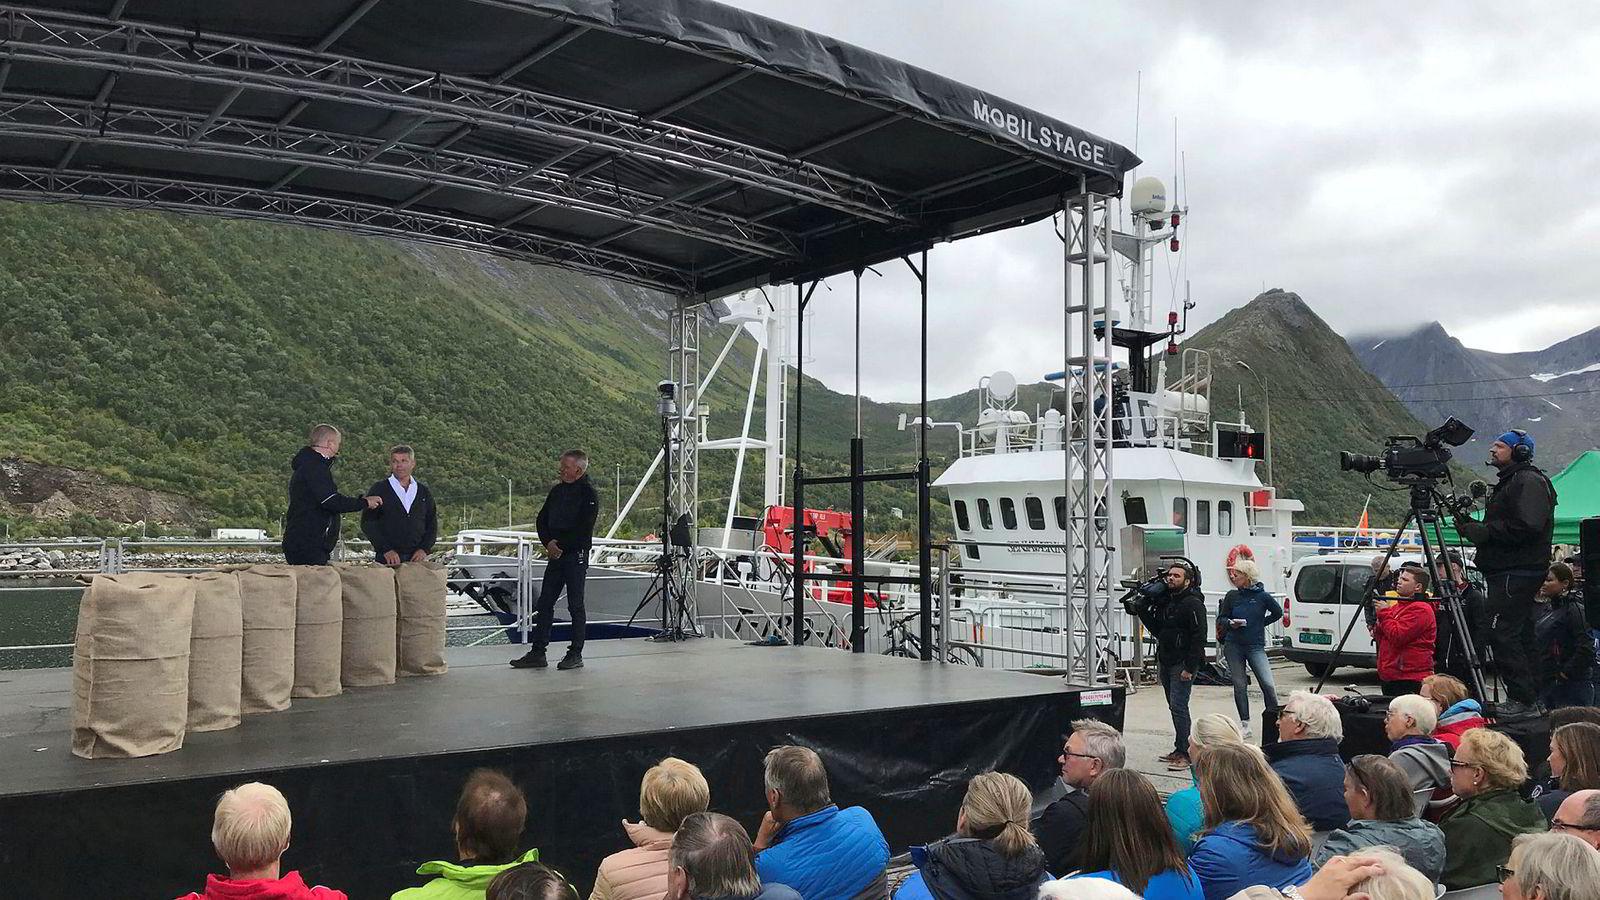 Sp-leder Trygve Slagsvold Vedum (til venstre) møtte Ap-nestleder Bjørnar Skjæran til debatt under Husøydagan – Nord-Norges svar på Arendalsuka – i helgen.